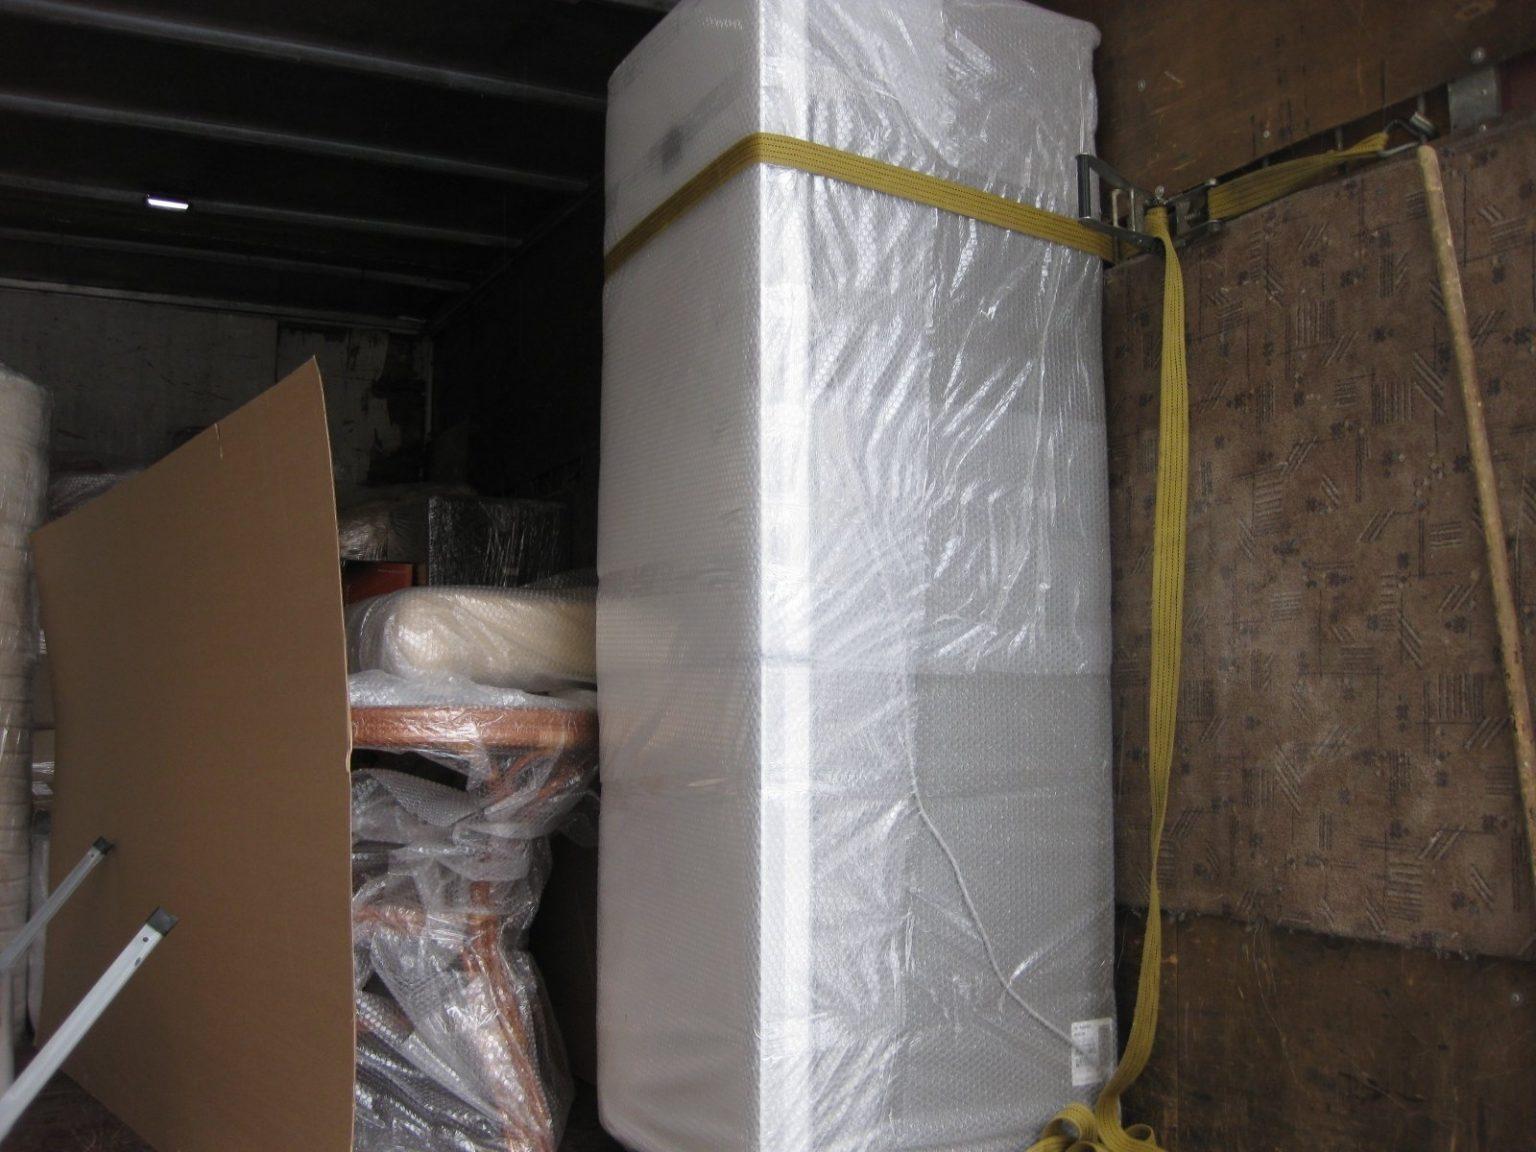 Можно ли перевозить холодильник лежа: особенности подготовки, этапы процесса